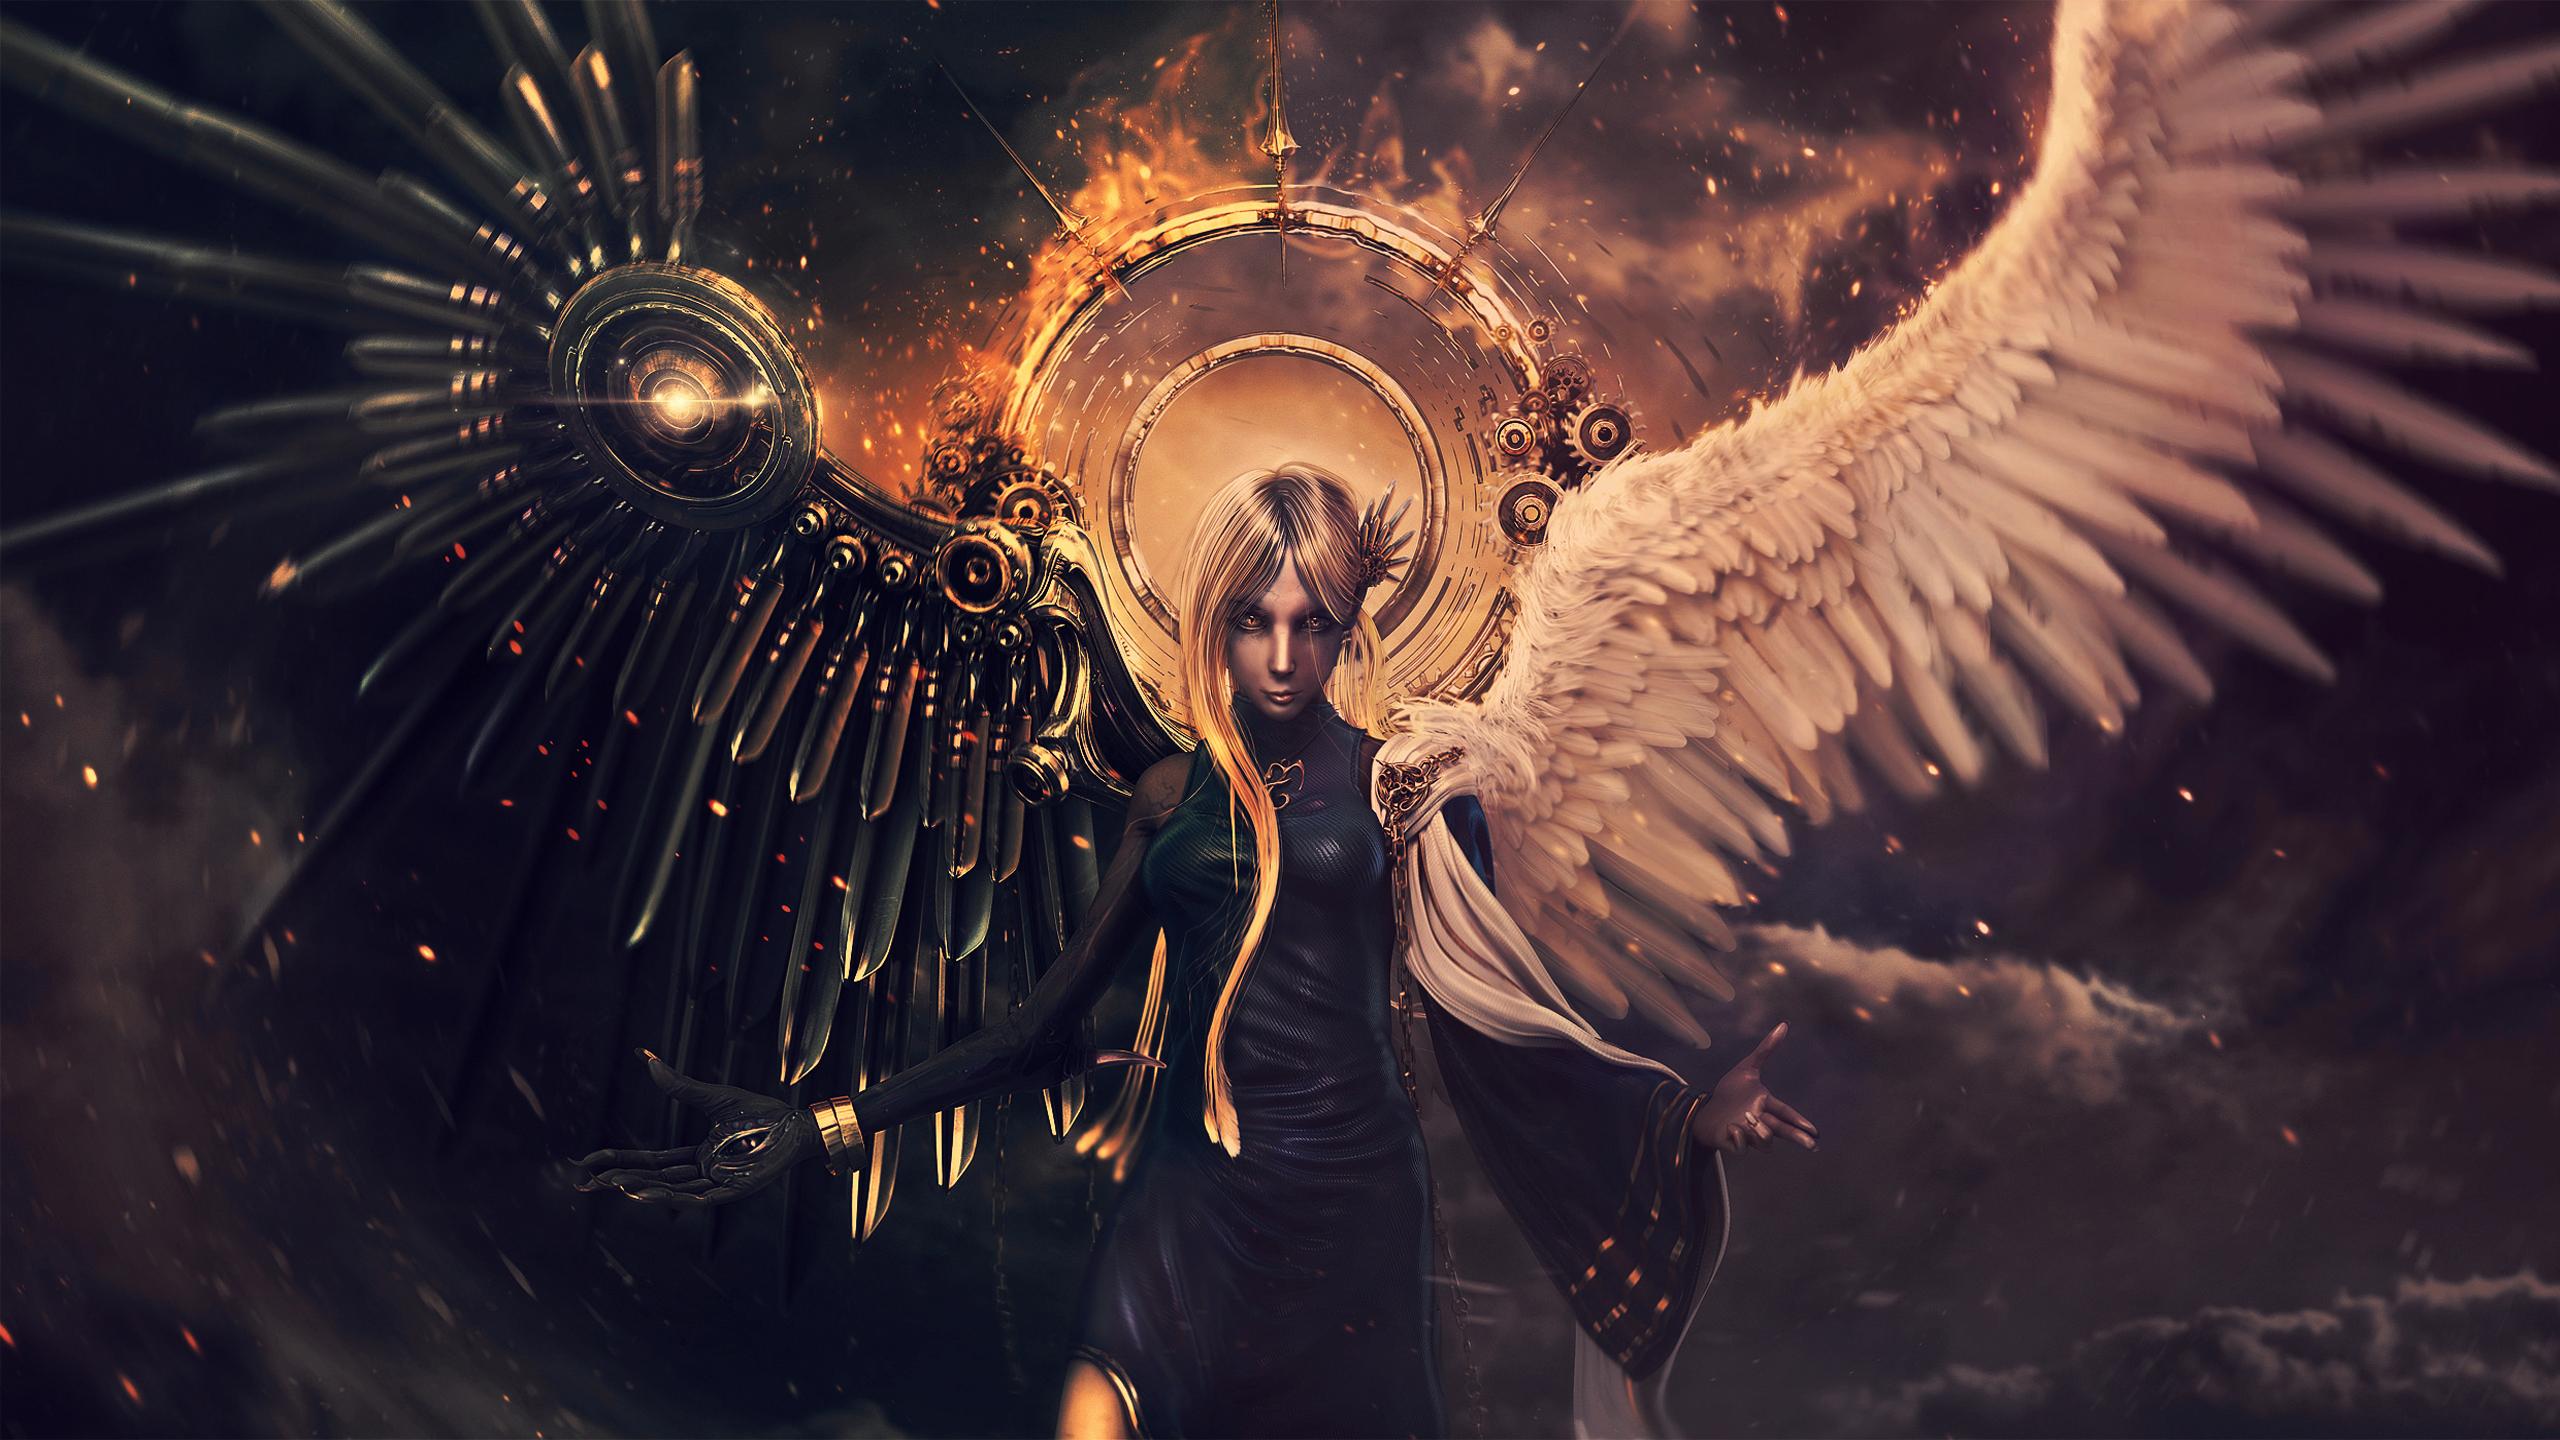 картинки ангелов и демонов картинки